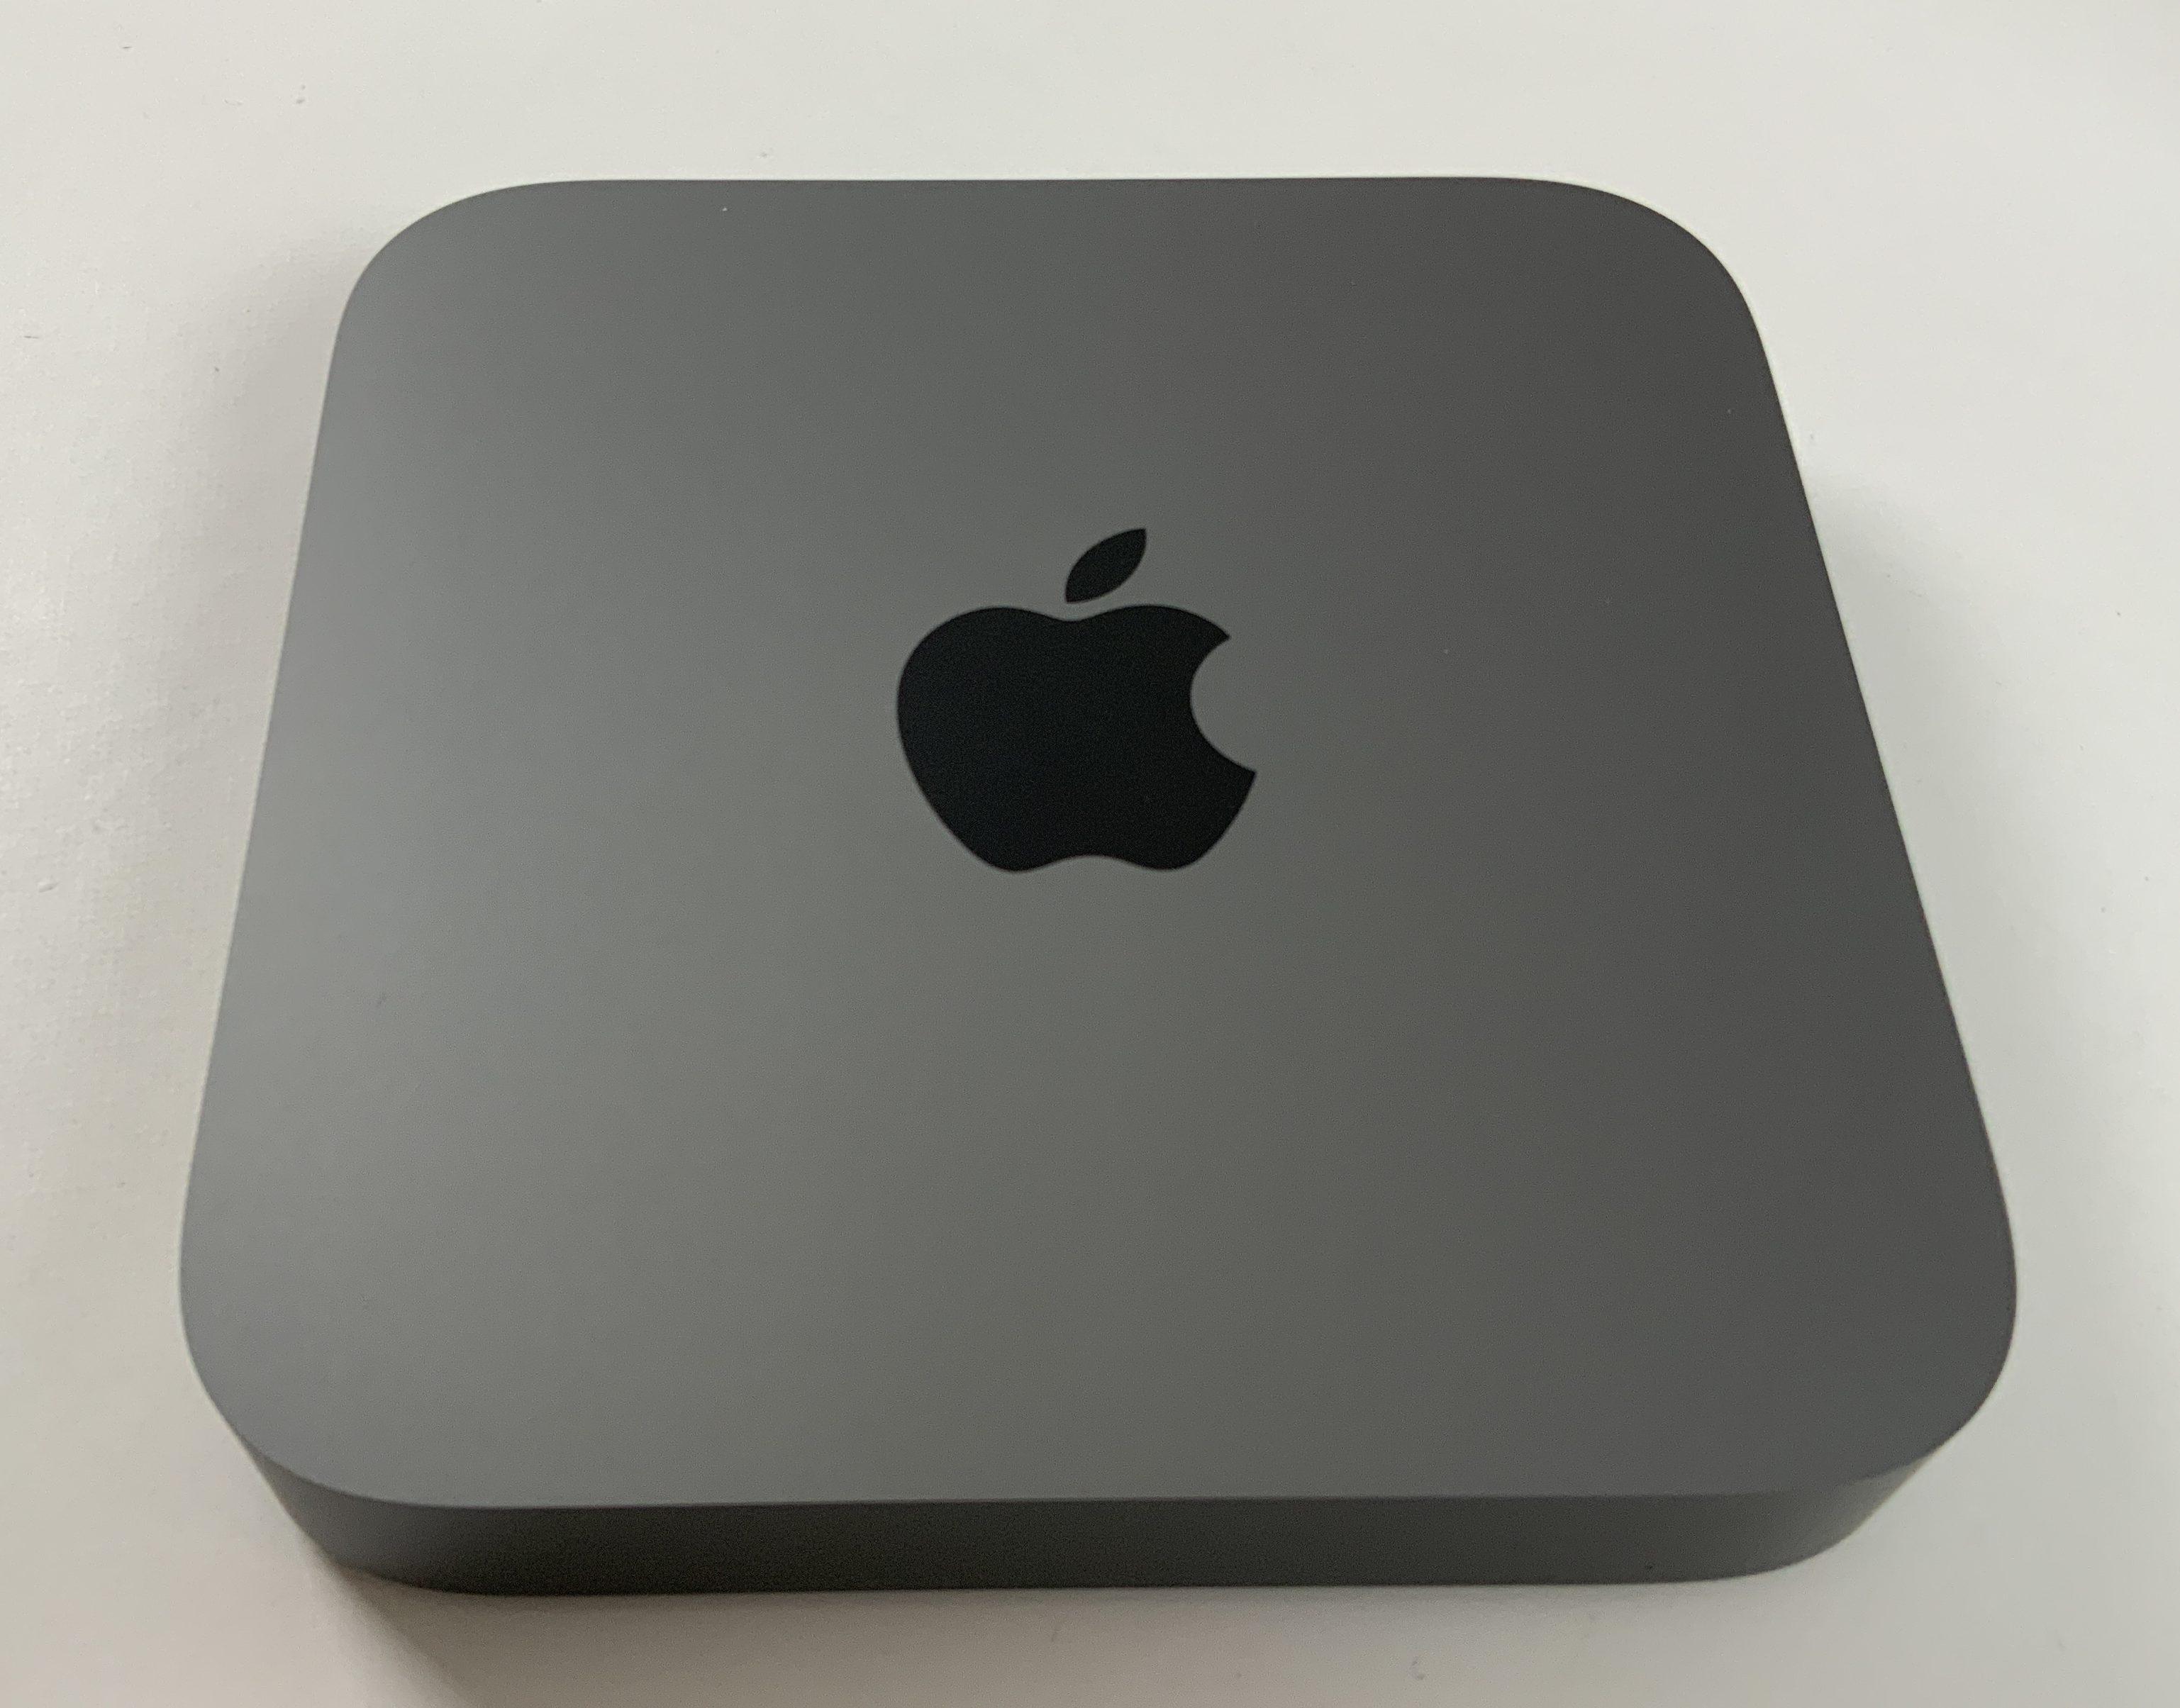 Mac Mini Late 2018 (Intel 6-Core i5 3.0 GHz 64 GB RAM 256 GB SSD), Intel 6-Core i5 3.0 GHz, 64 GB RAM, 256 GB SSD, Kuva 1